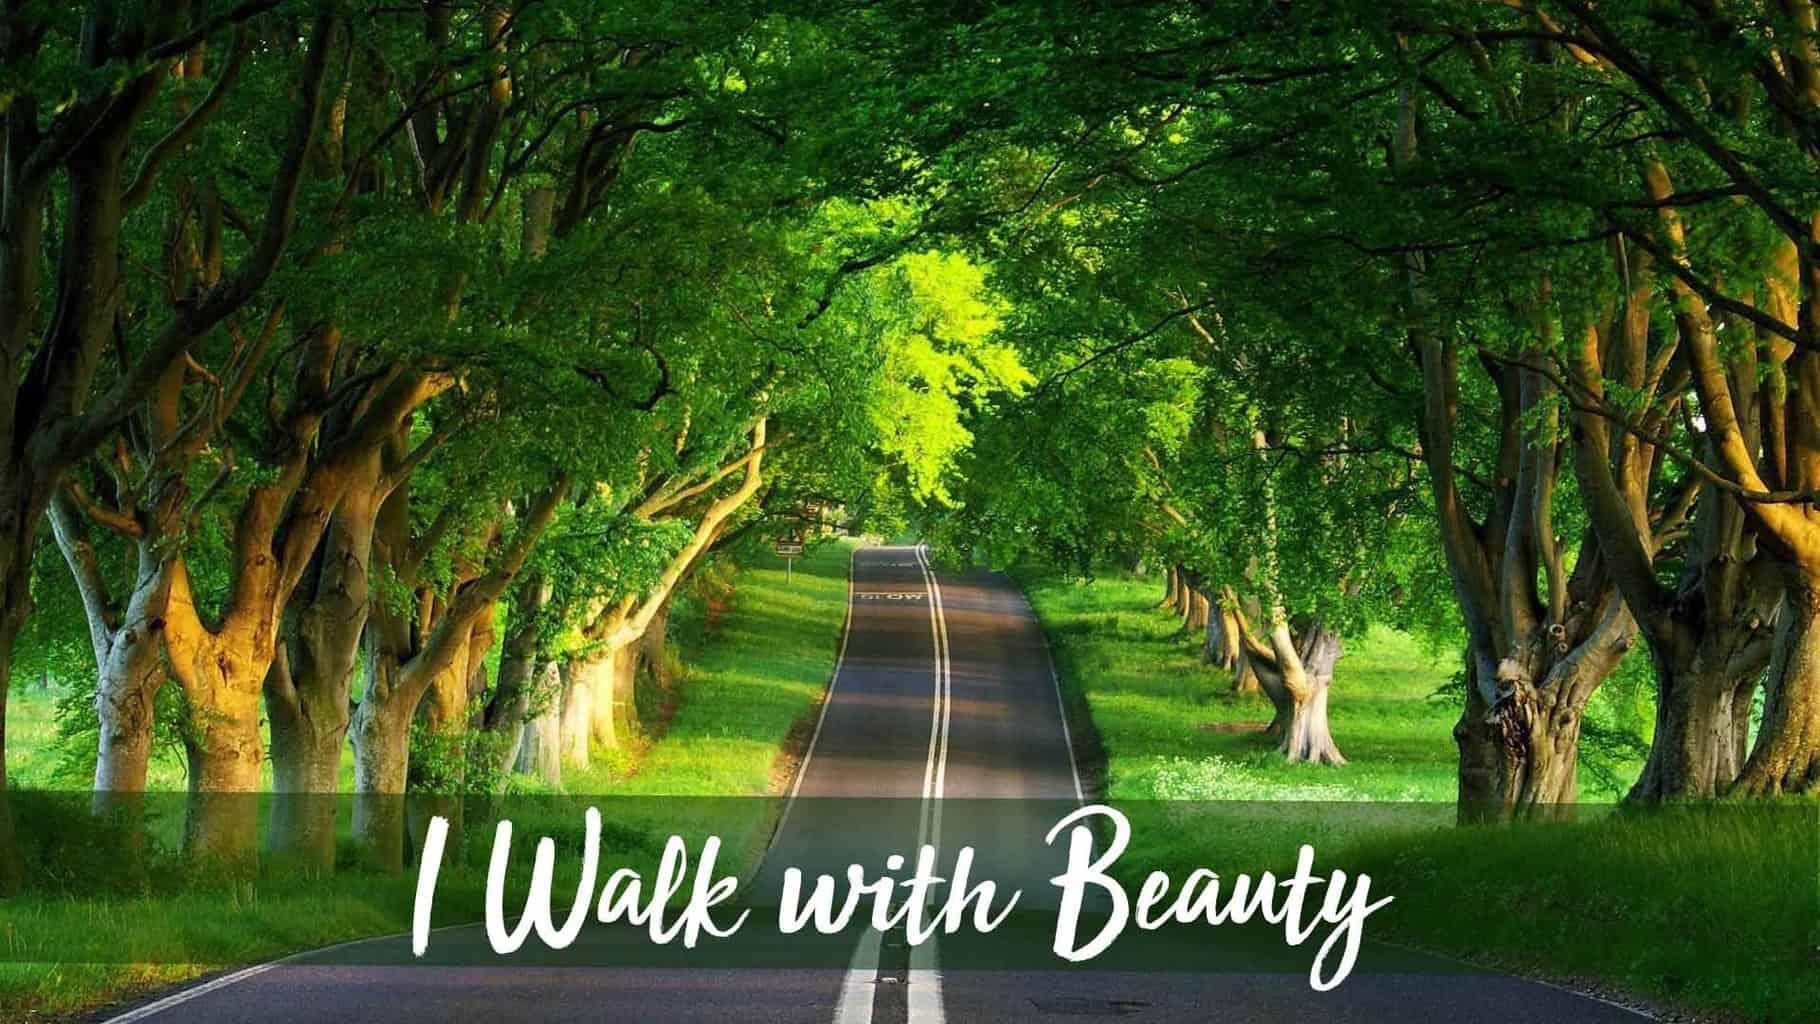 4006e631c9e I Walk with Beauty by Nayaswami Jaya - Ananda India